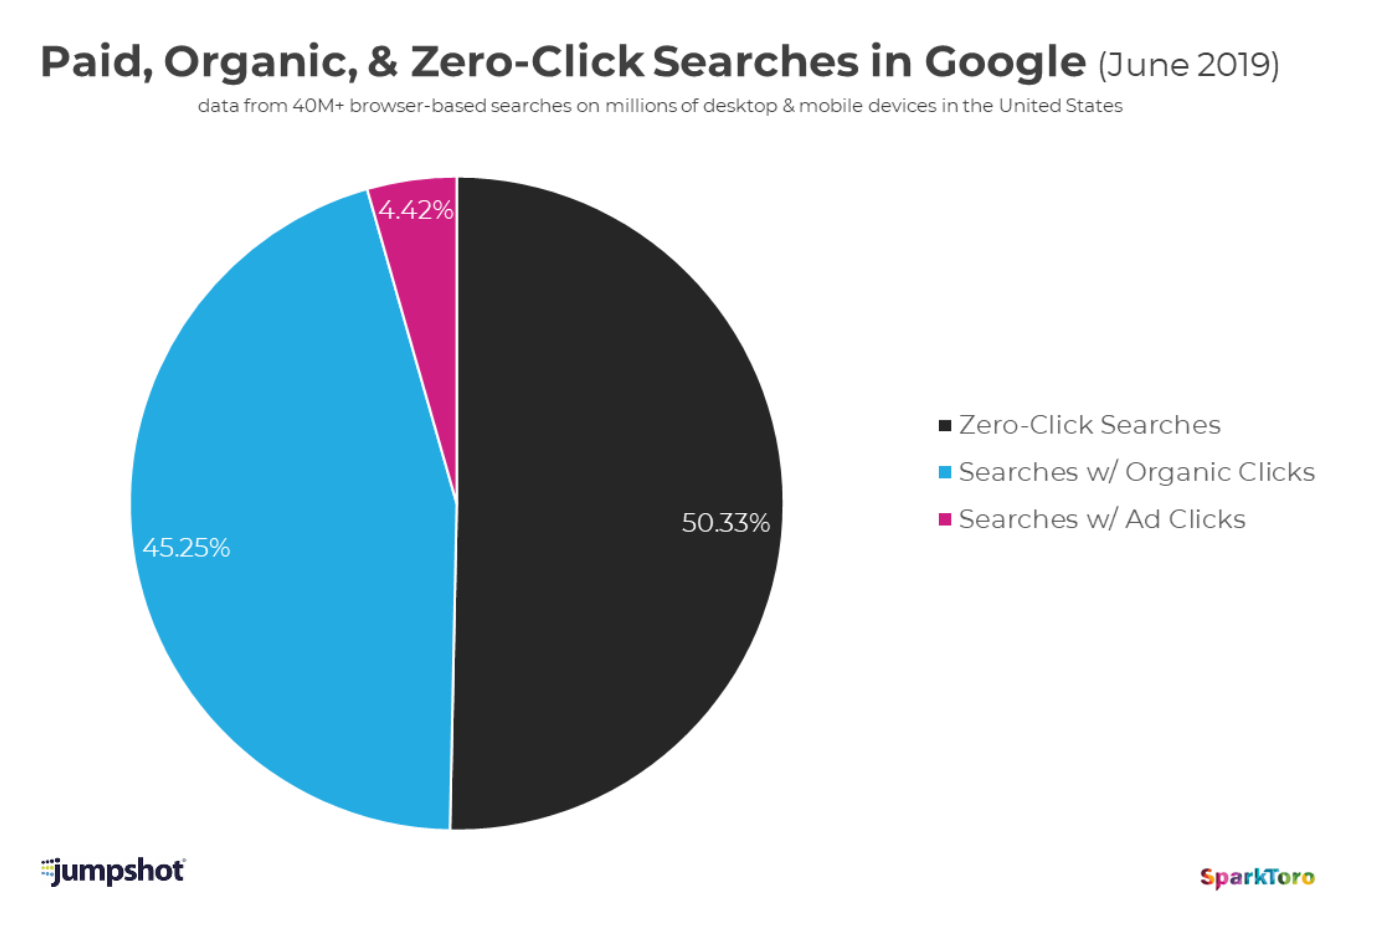 grafico che mostra le ricerche a pagamento, organiche ea zero clic in Google.